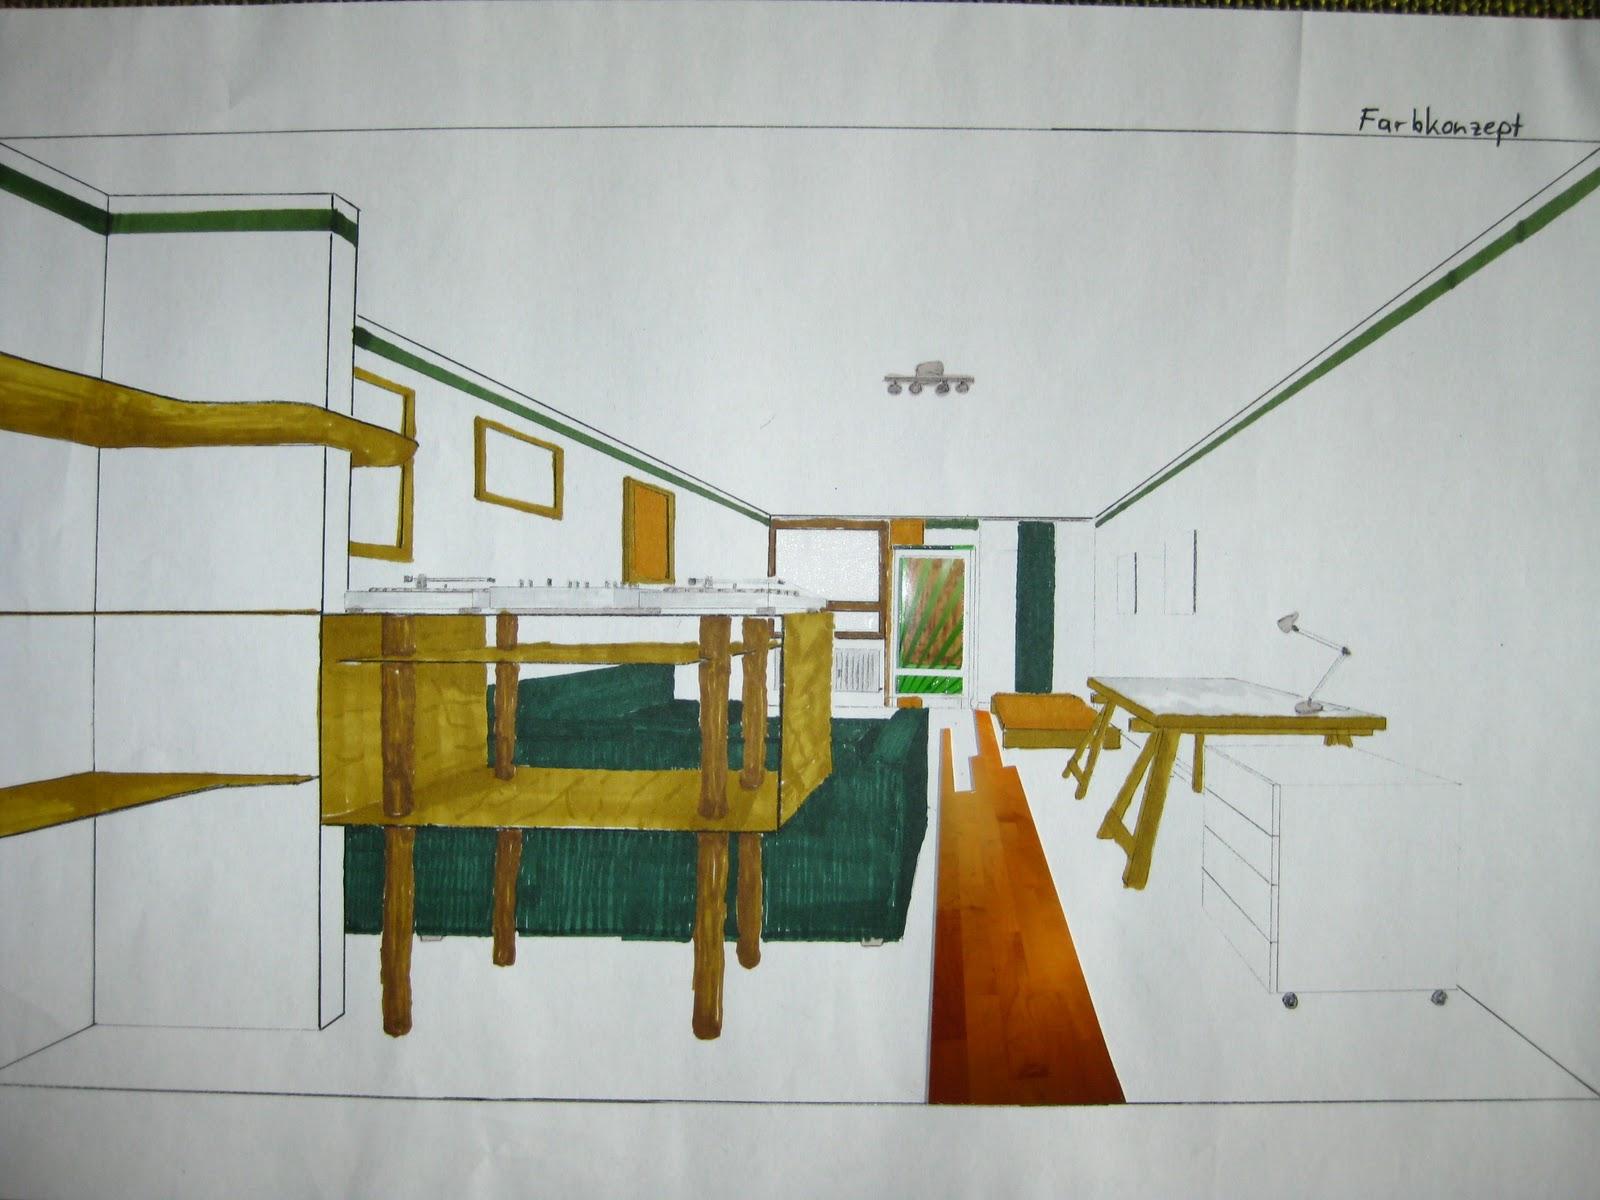 horoia1 februar 2011. Black Bedroom Furniture Sets. Home Design Ideas